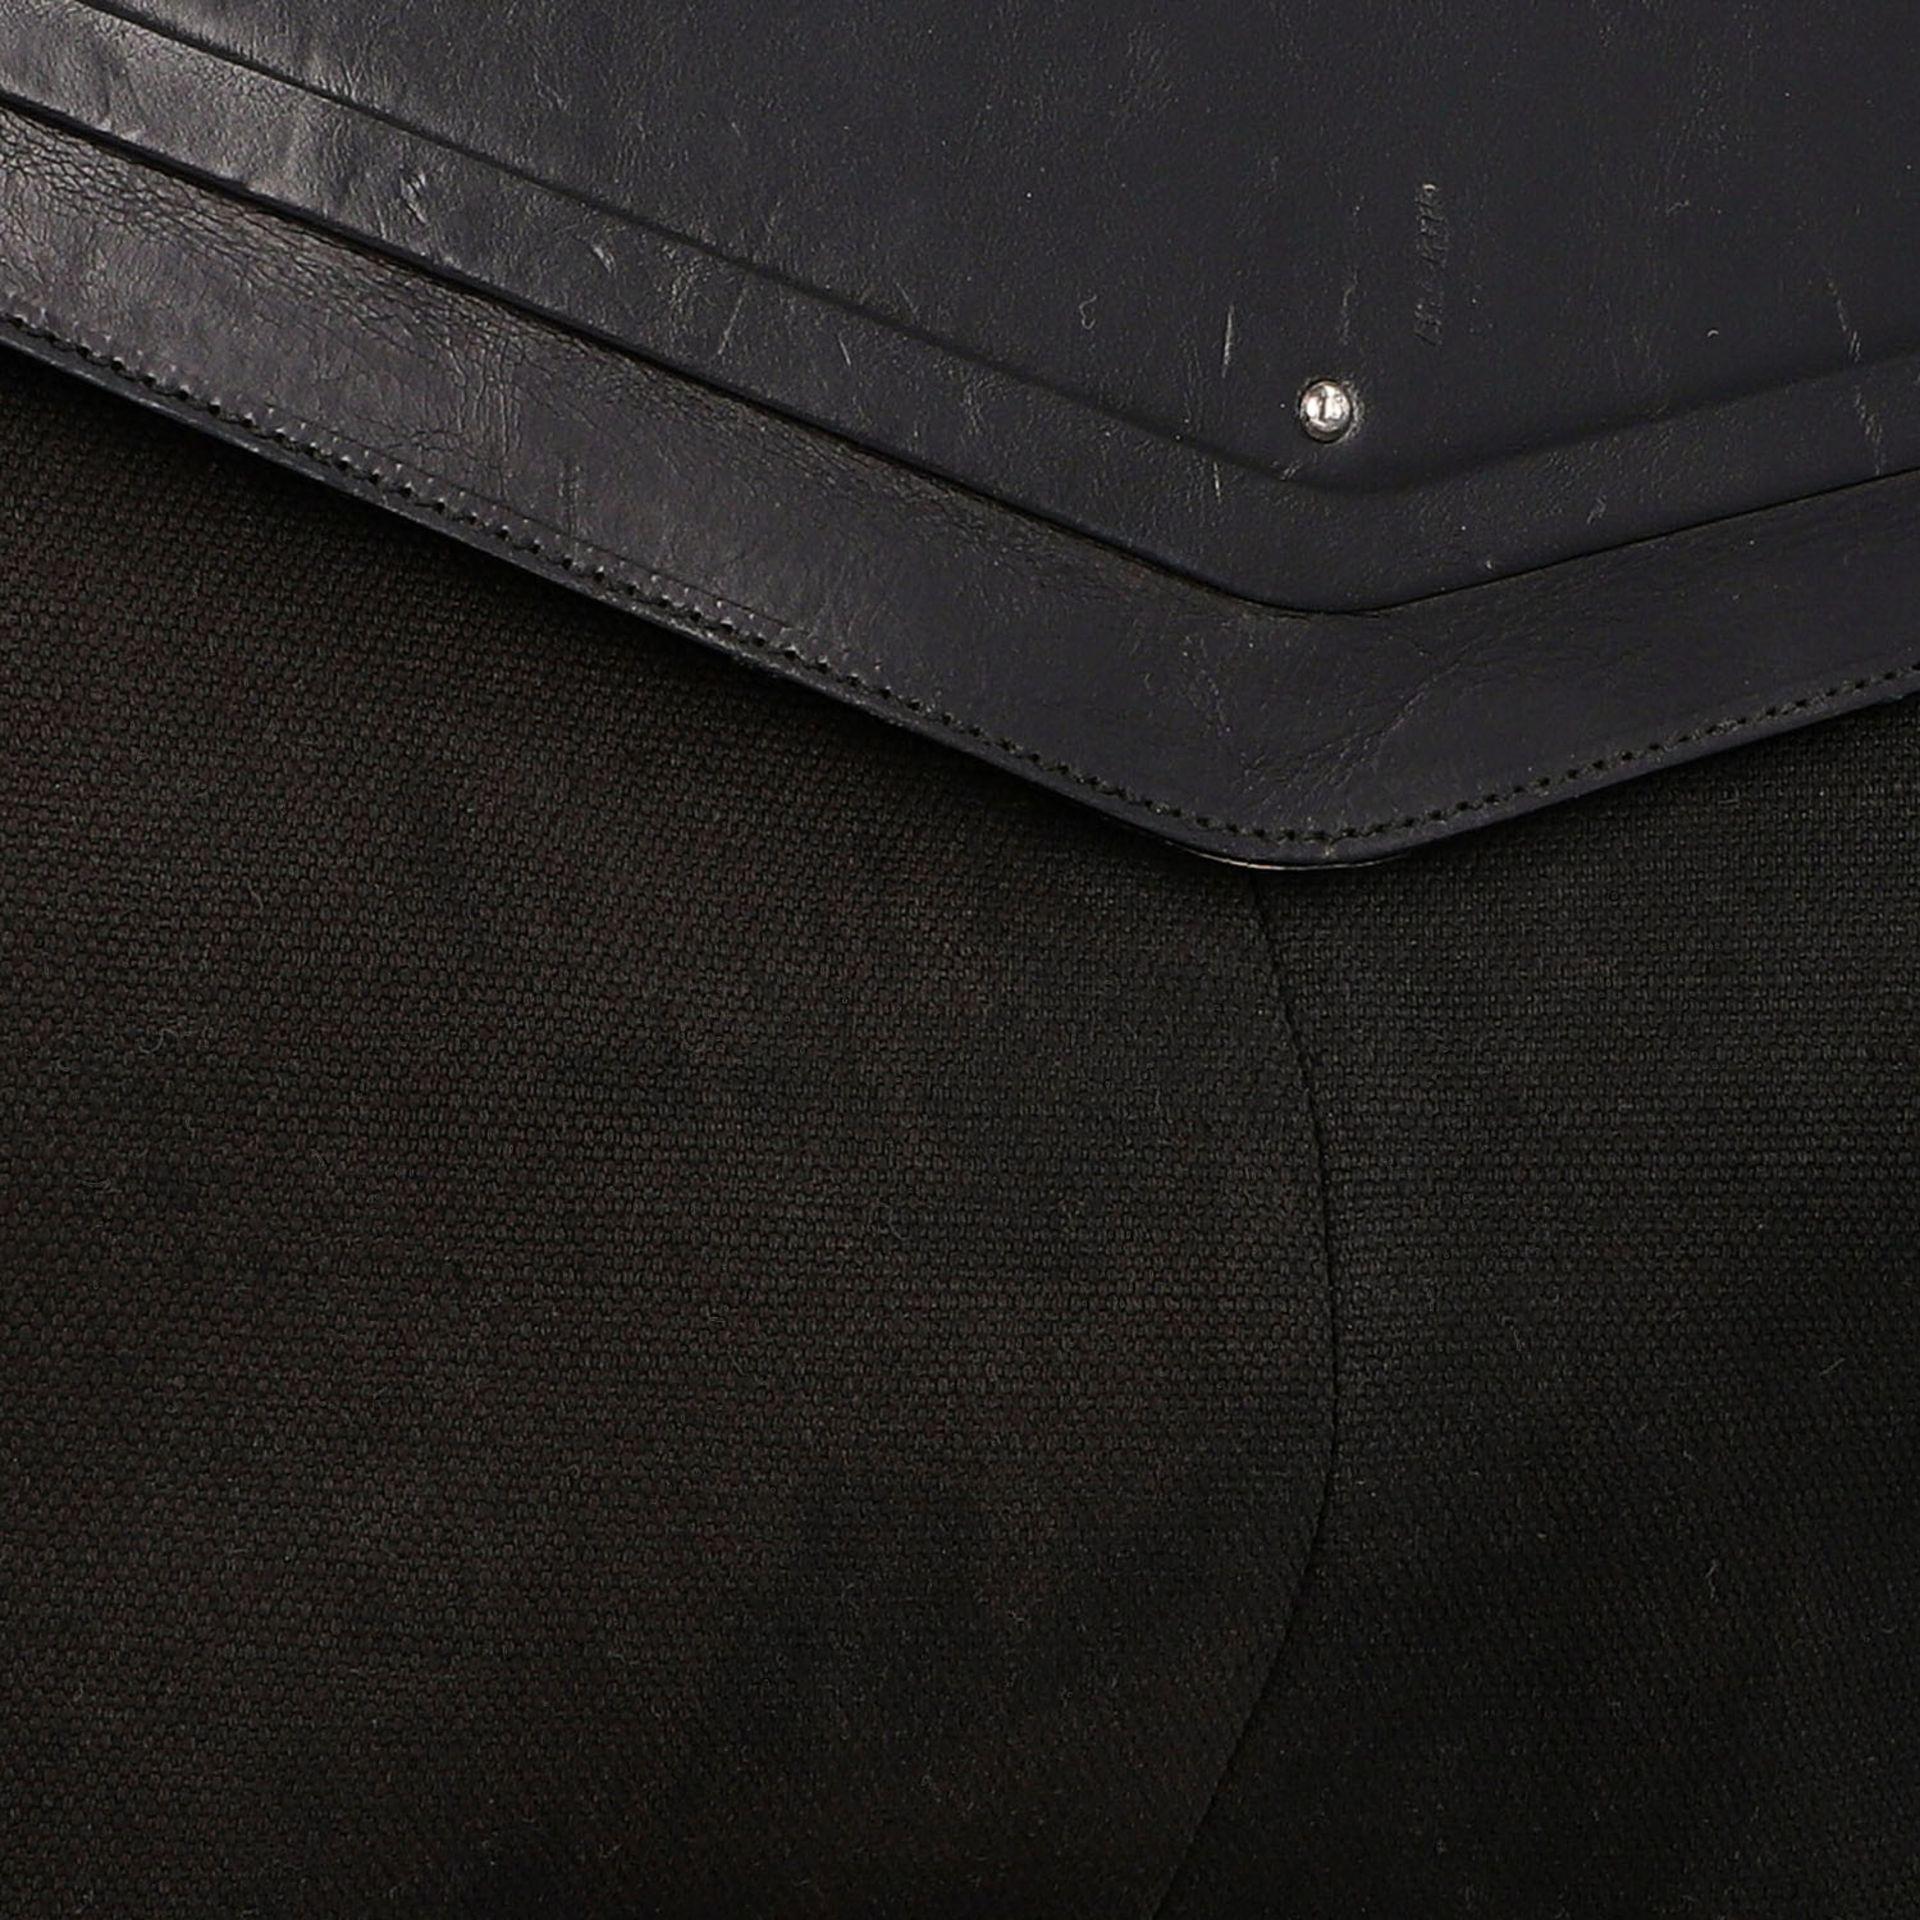 YVES SAINT LAURENT VINTAGE Handtasche. Schwarzes Modell aus Textil mit schwarzem Über - Image 8 of 8